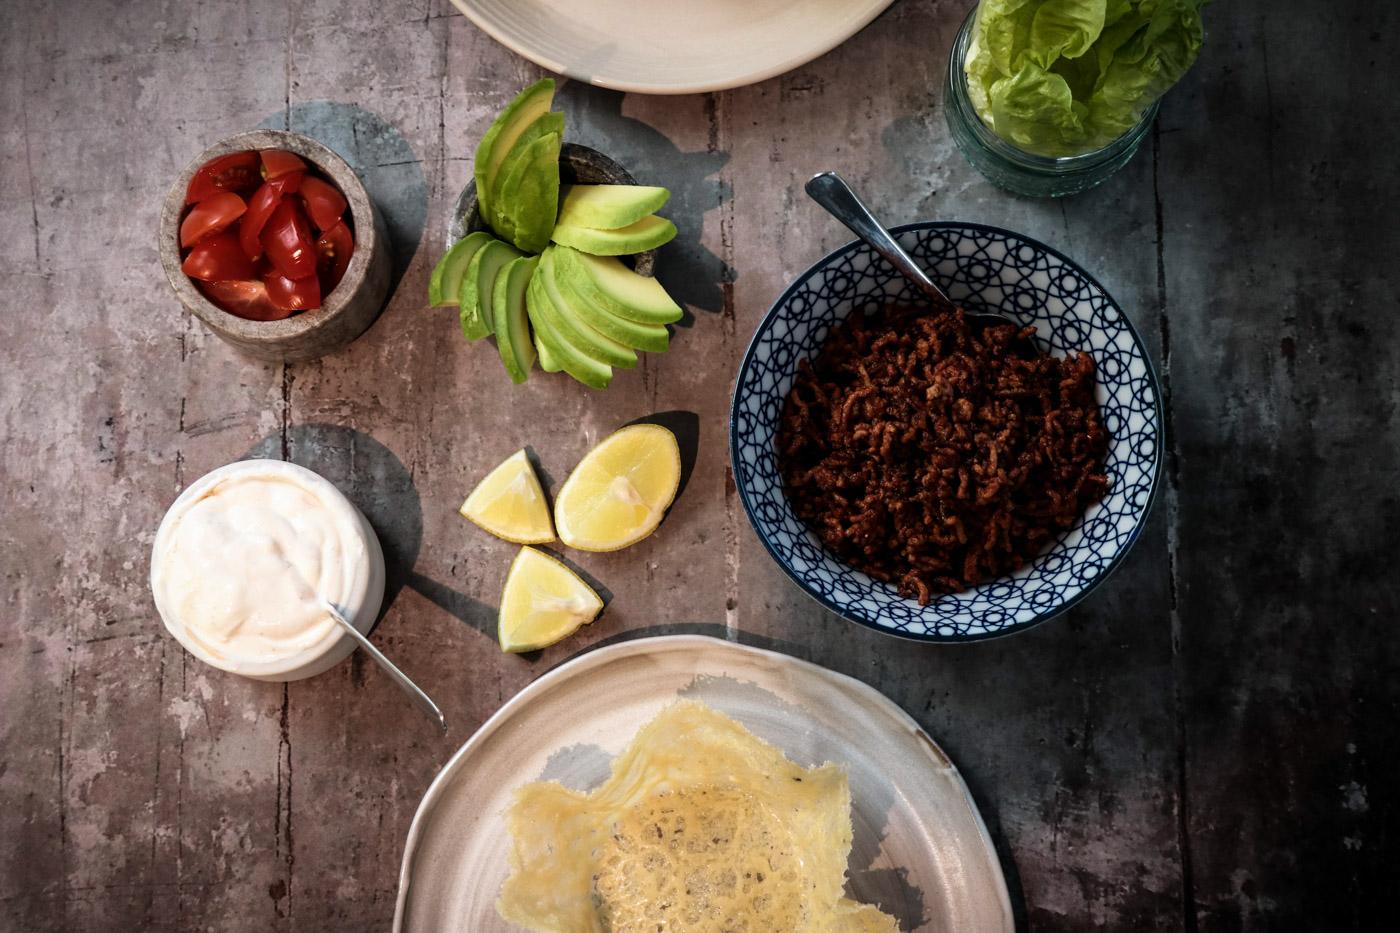 Parmesan taco shells